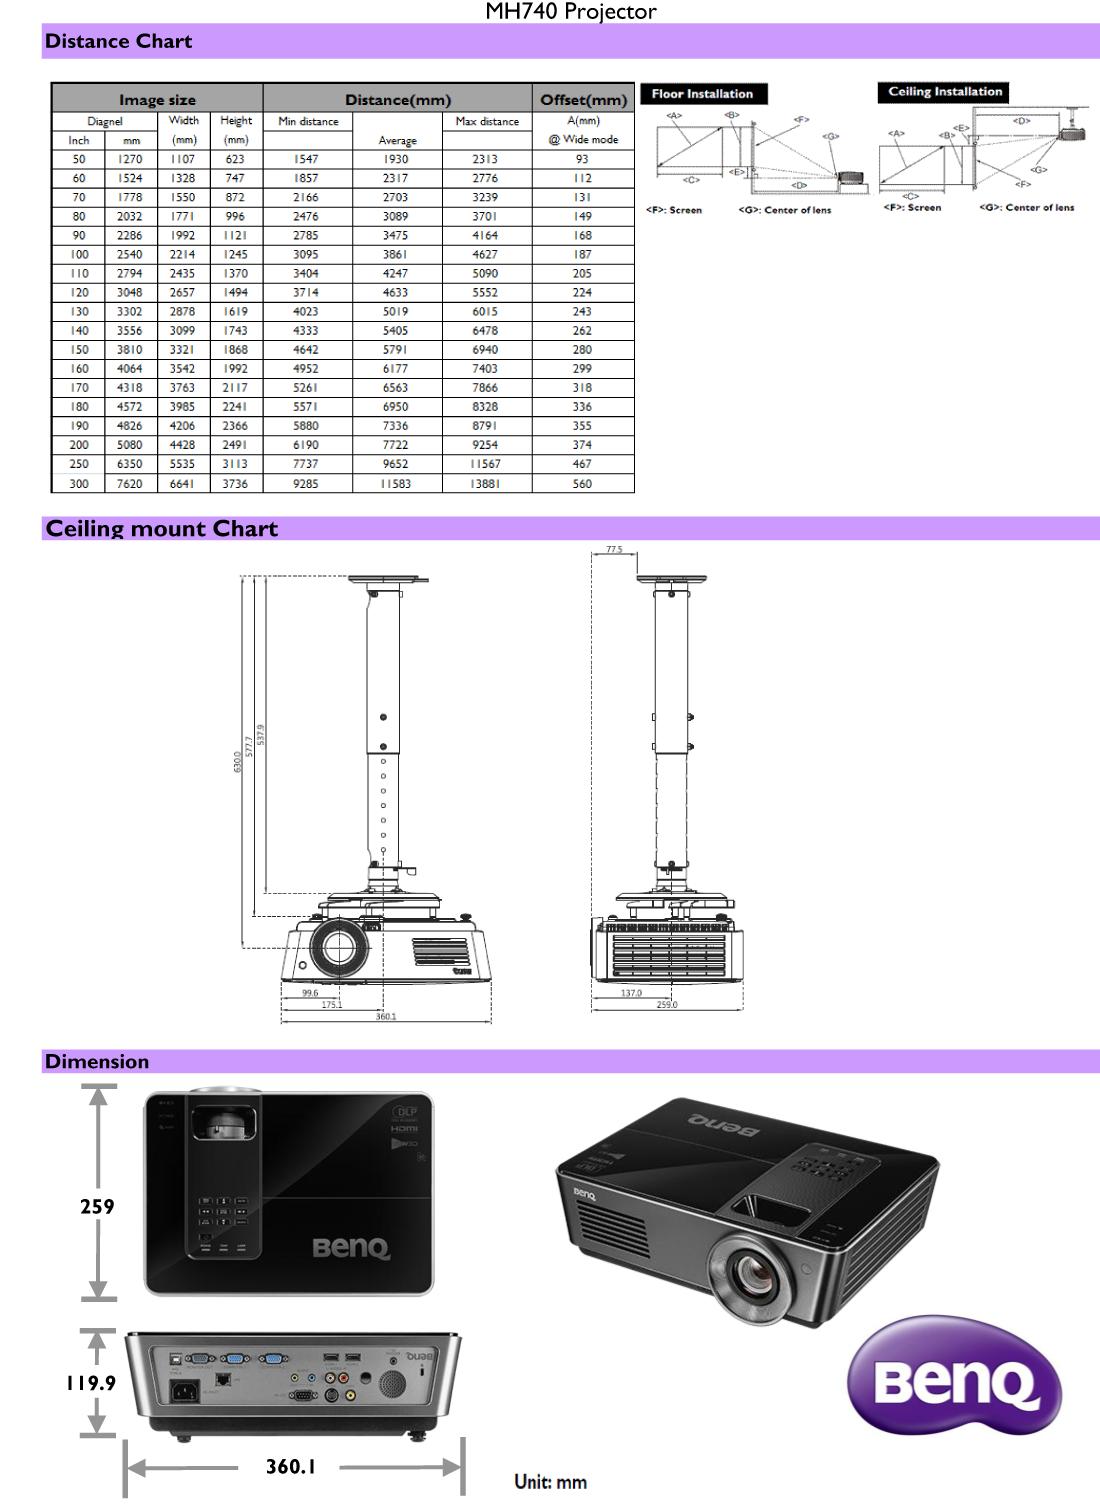 Projector Benq Wiring Diagram Mh740 Projectors